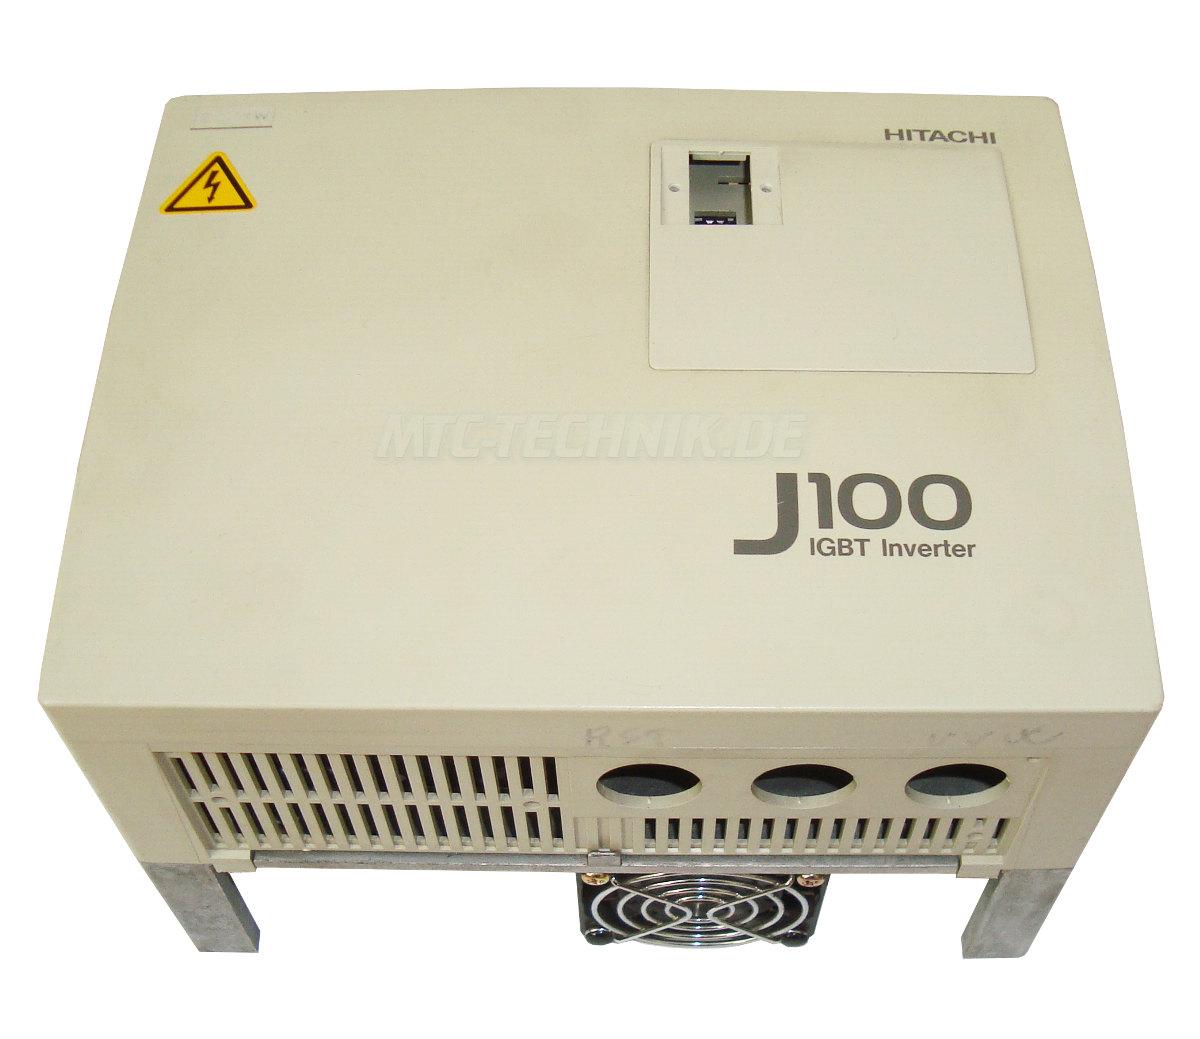 1 Hitachi Frequenzumrichter J100-022hfe2 Shop